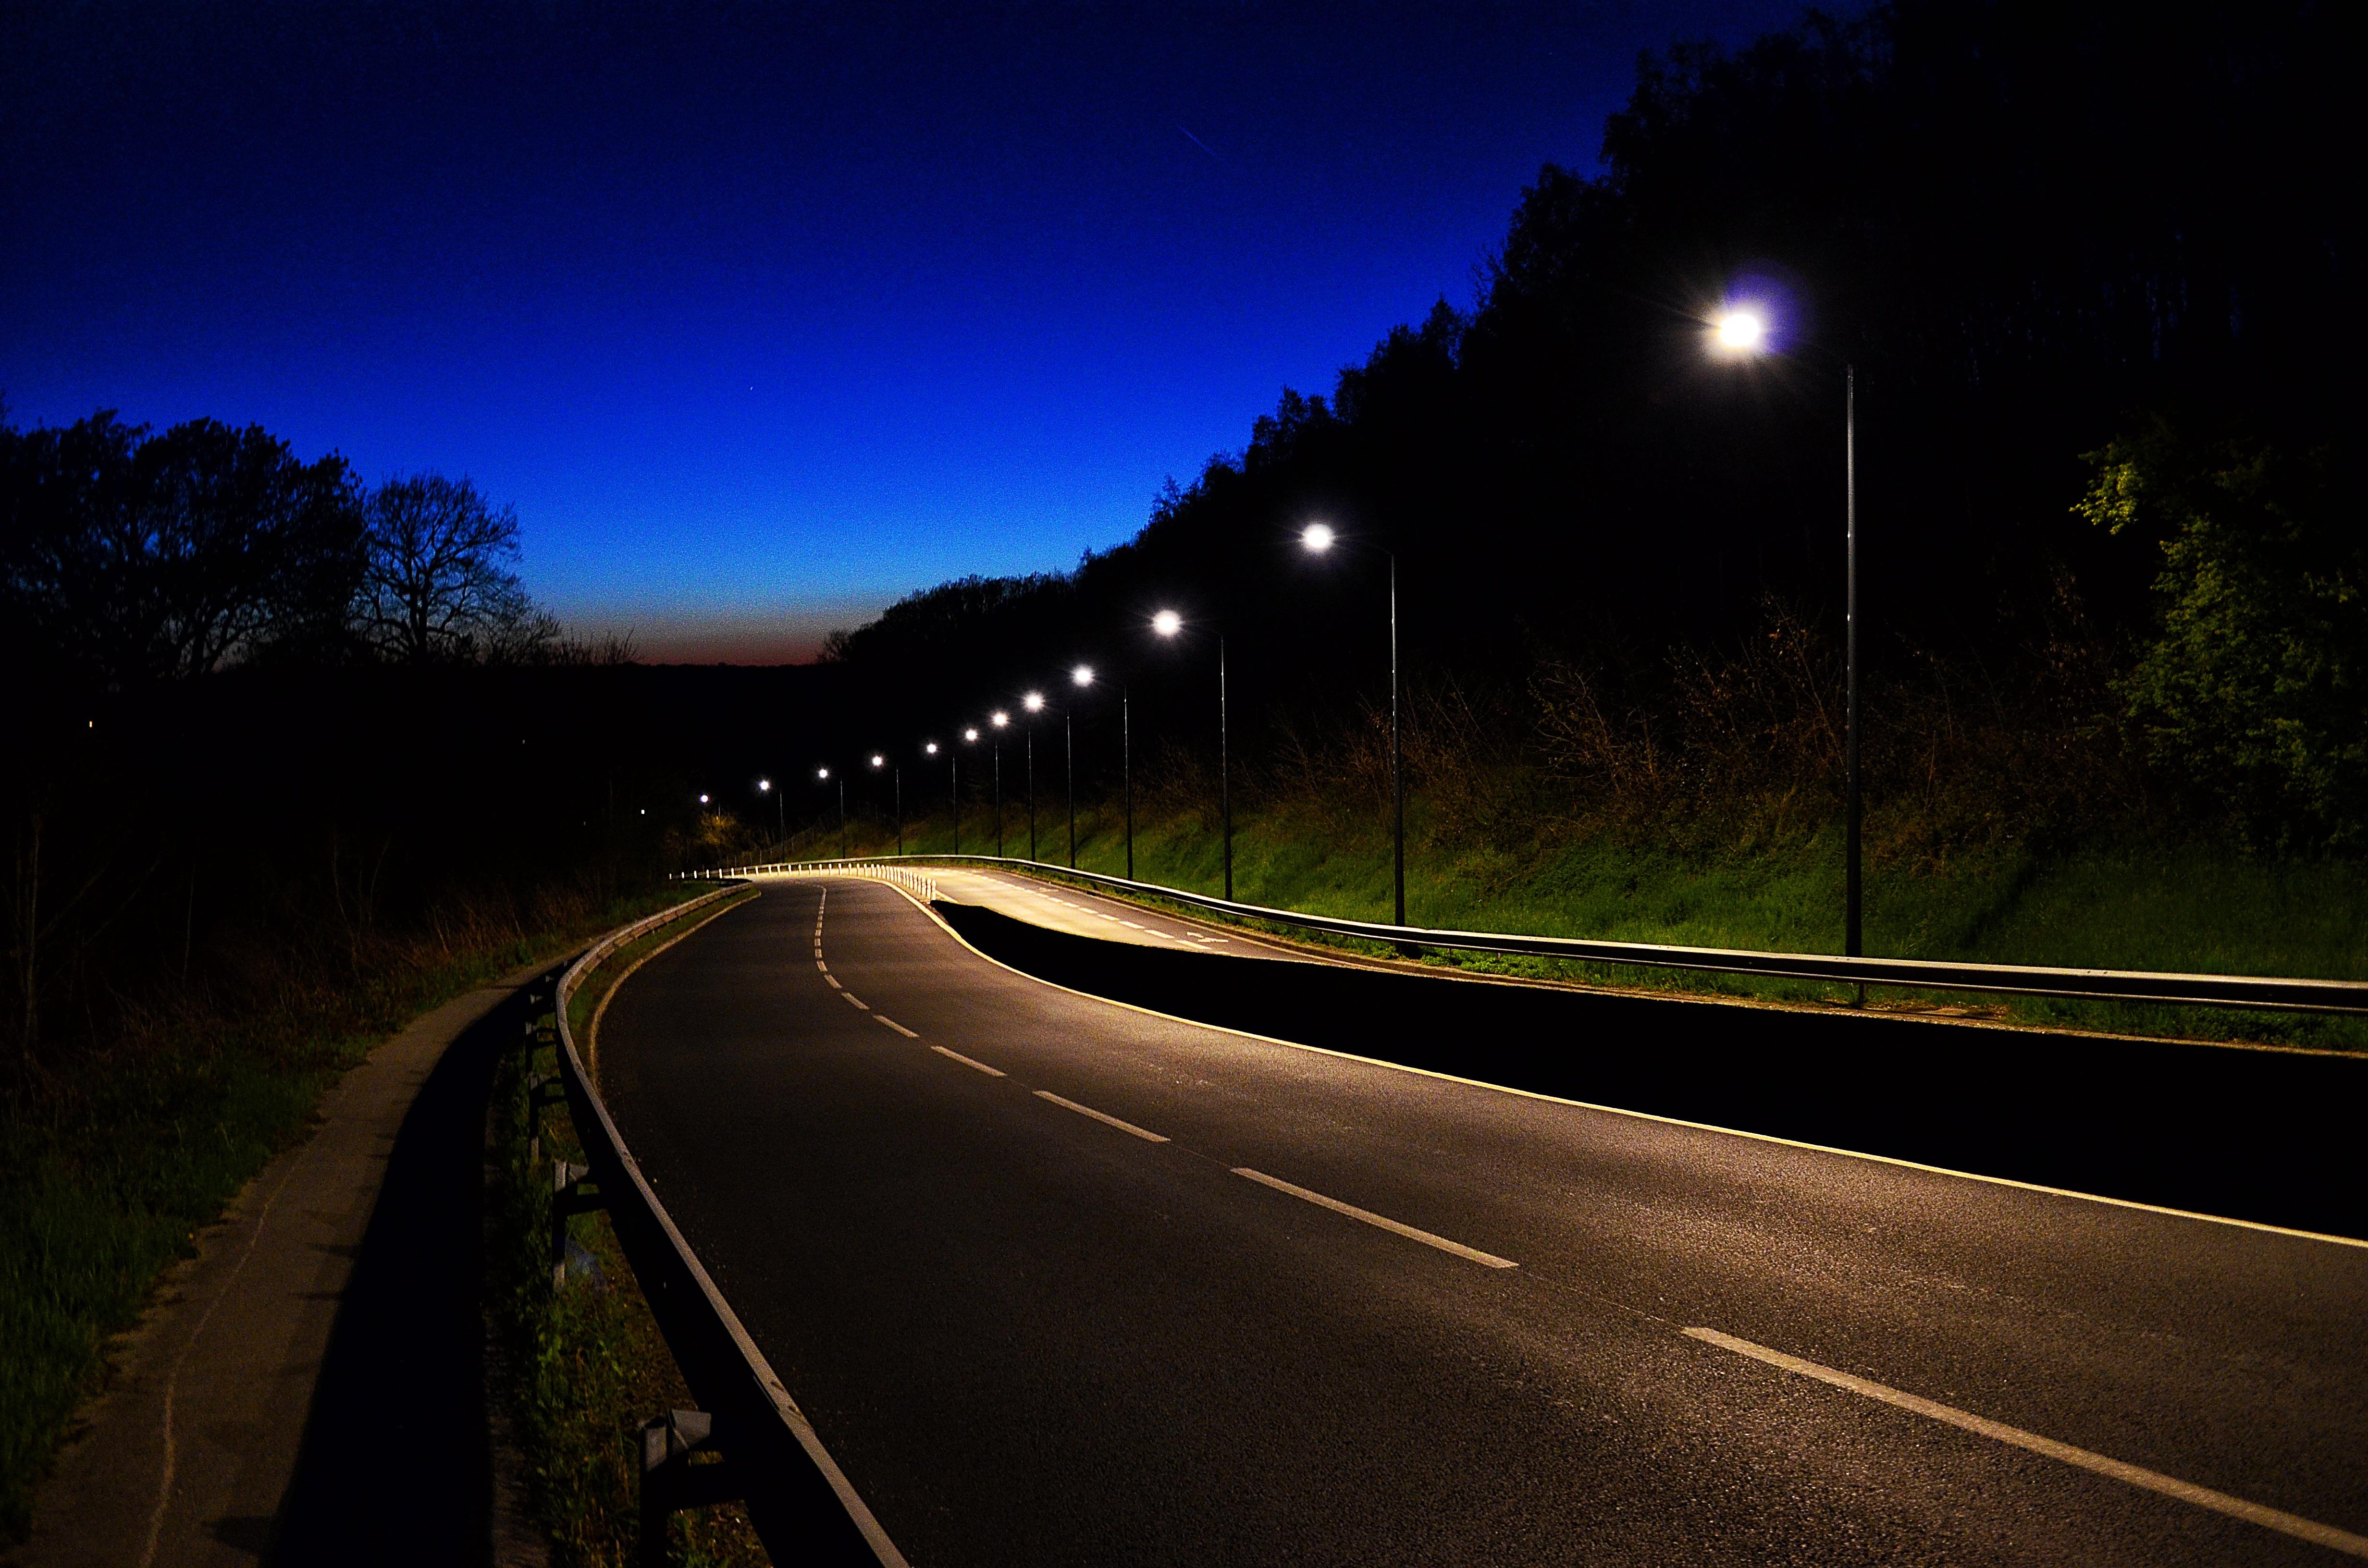 если ночной путь картинки одного них требуется